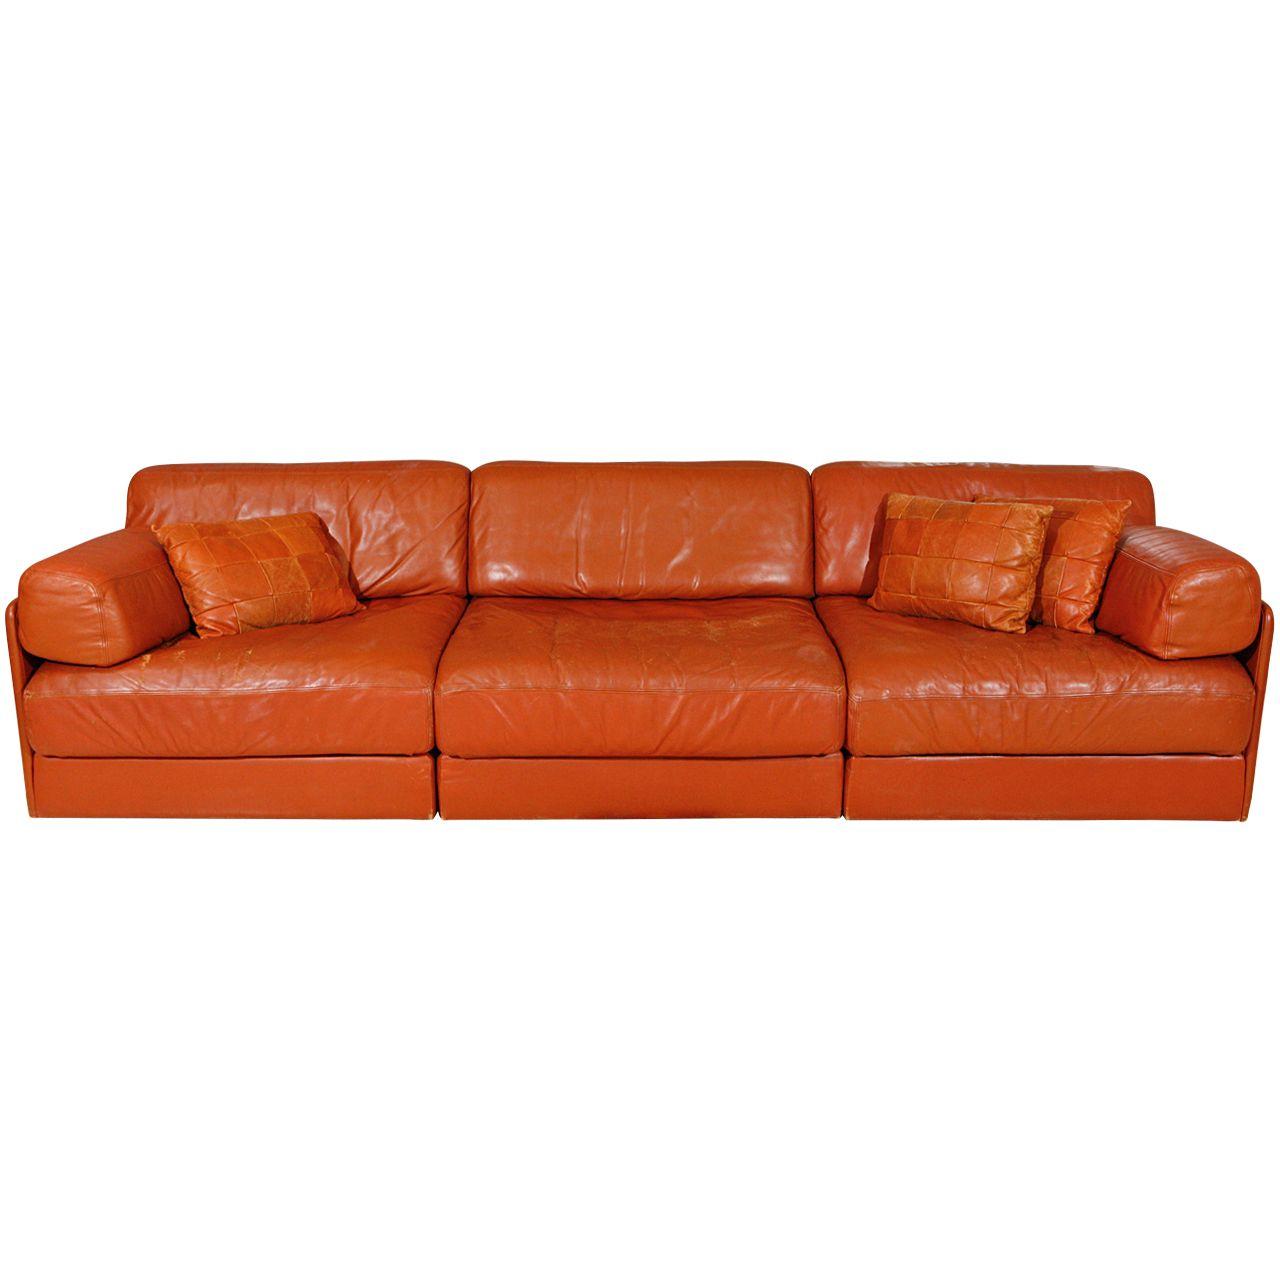 De Sede Sleeper Sofa Remo Fabric Reviews Modular Leather By 1stdibs Com Living Room